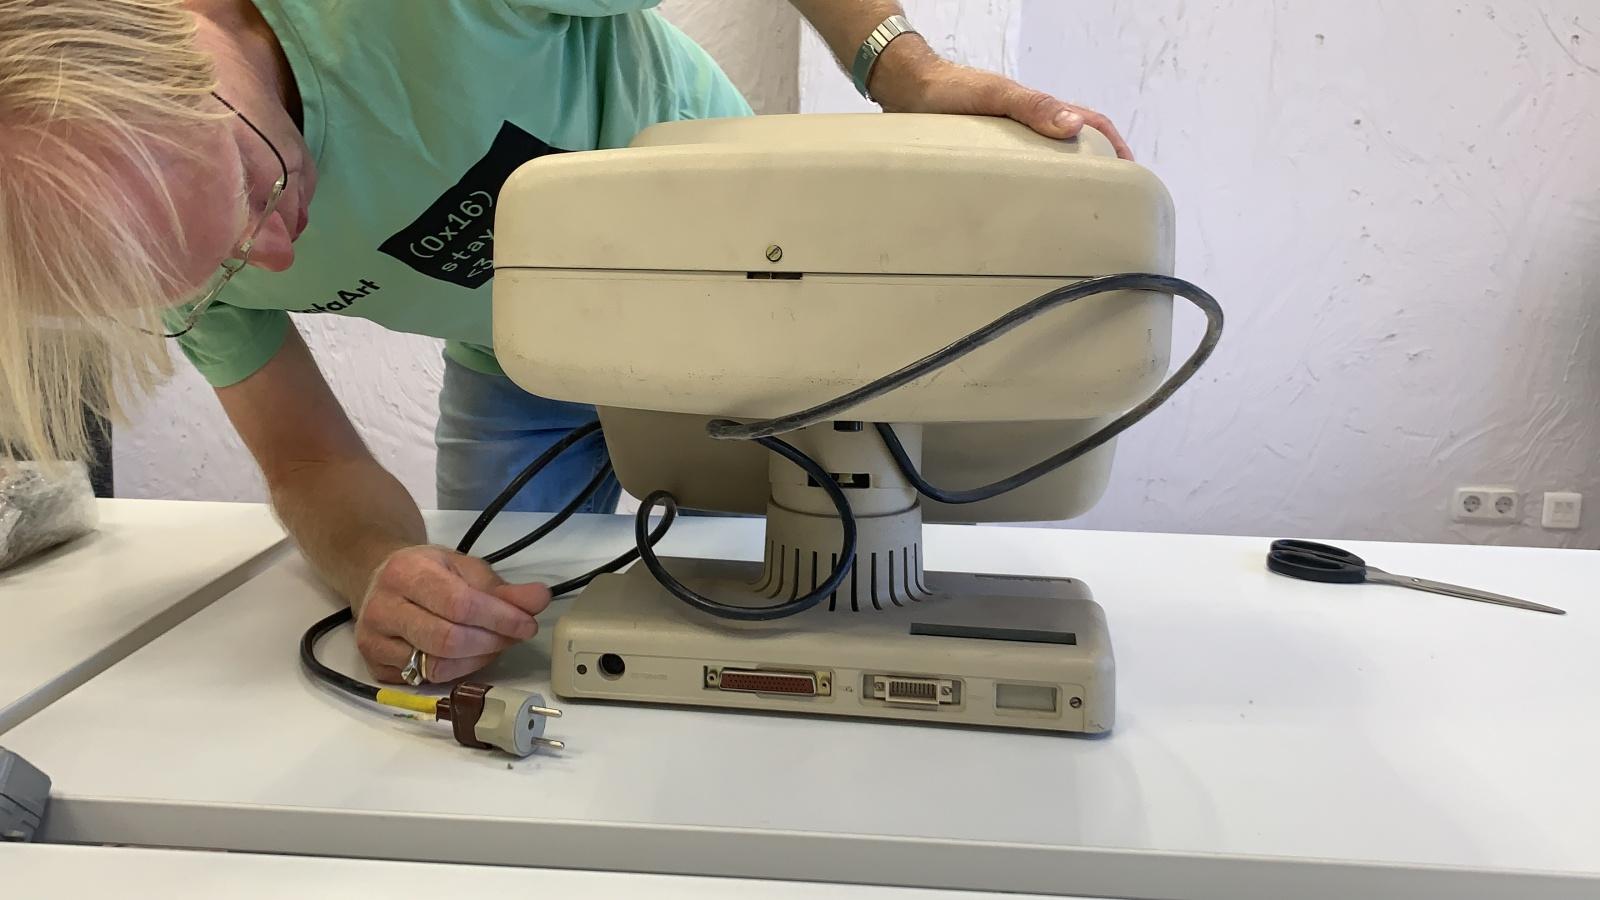 Музей DataArt. Распаковываем и запускаем «Радио-86РК» - 7